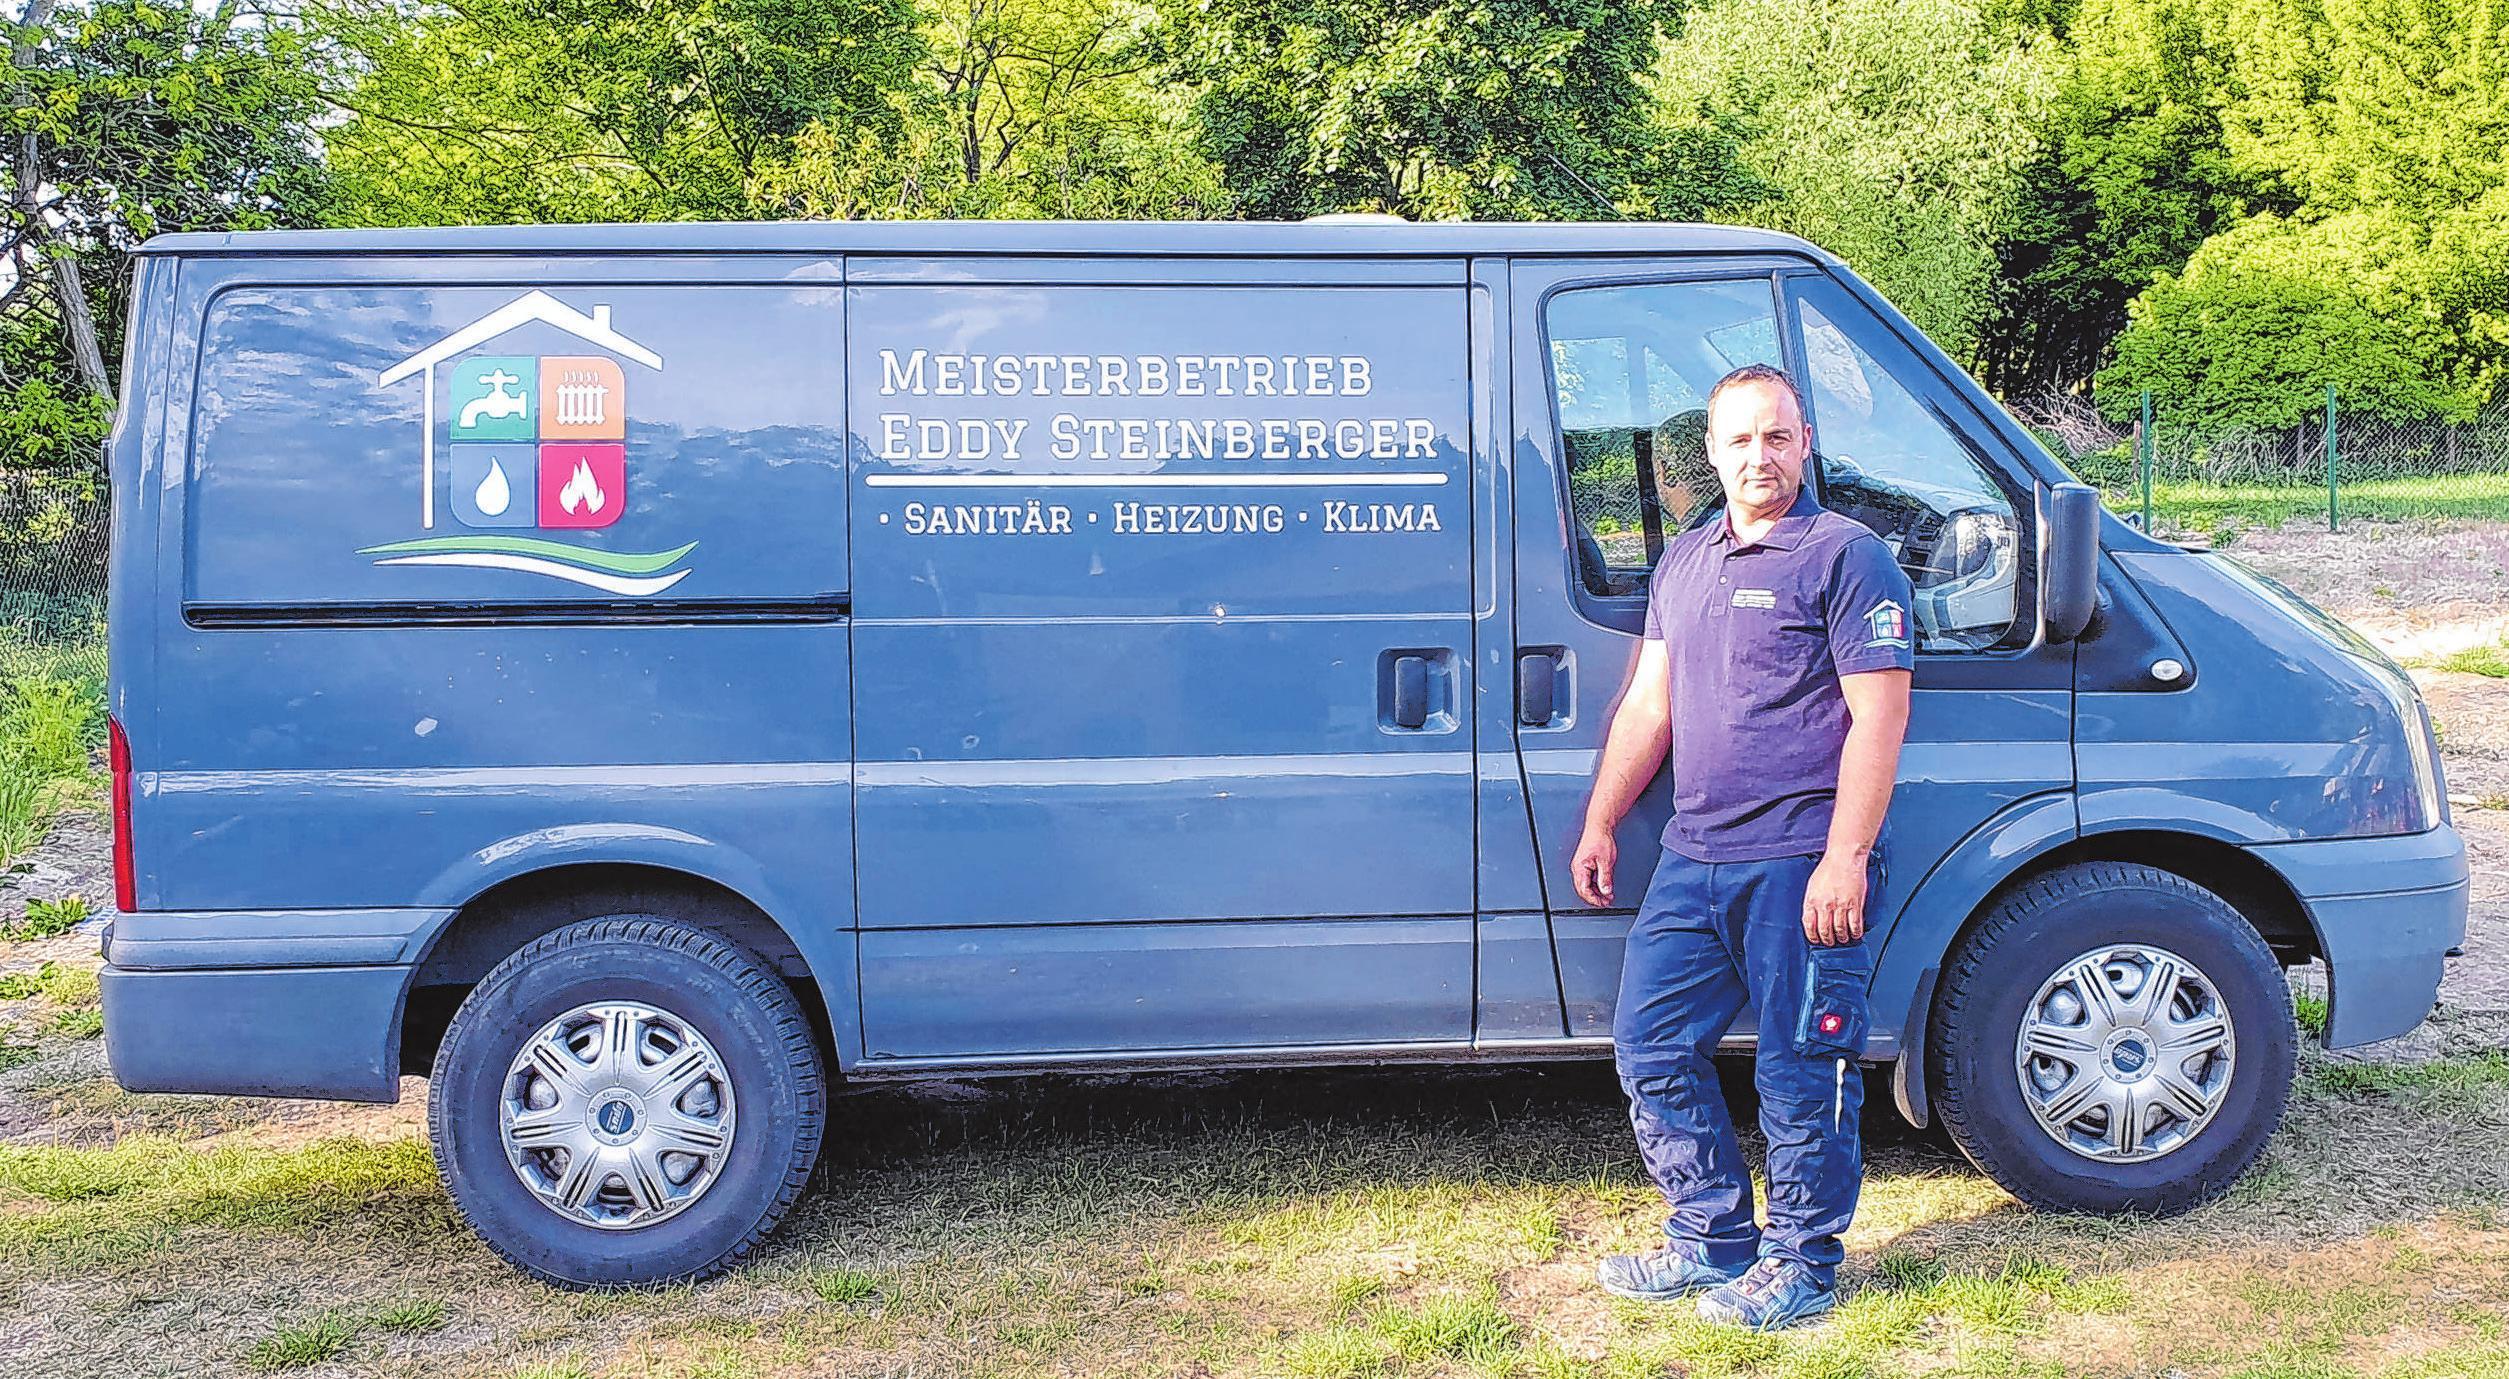 Betreibt seit 1. April sein eigenes Unternehmen: Handwerksmeister Eddy Steinberger Foto: privat